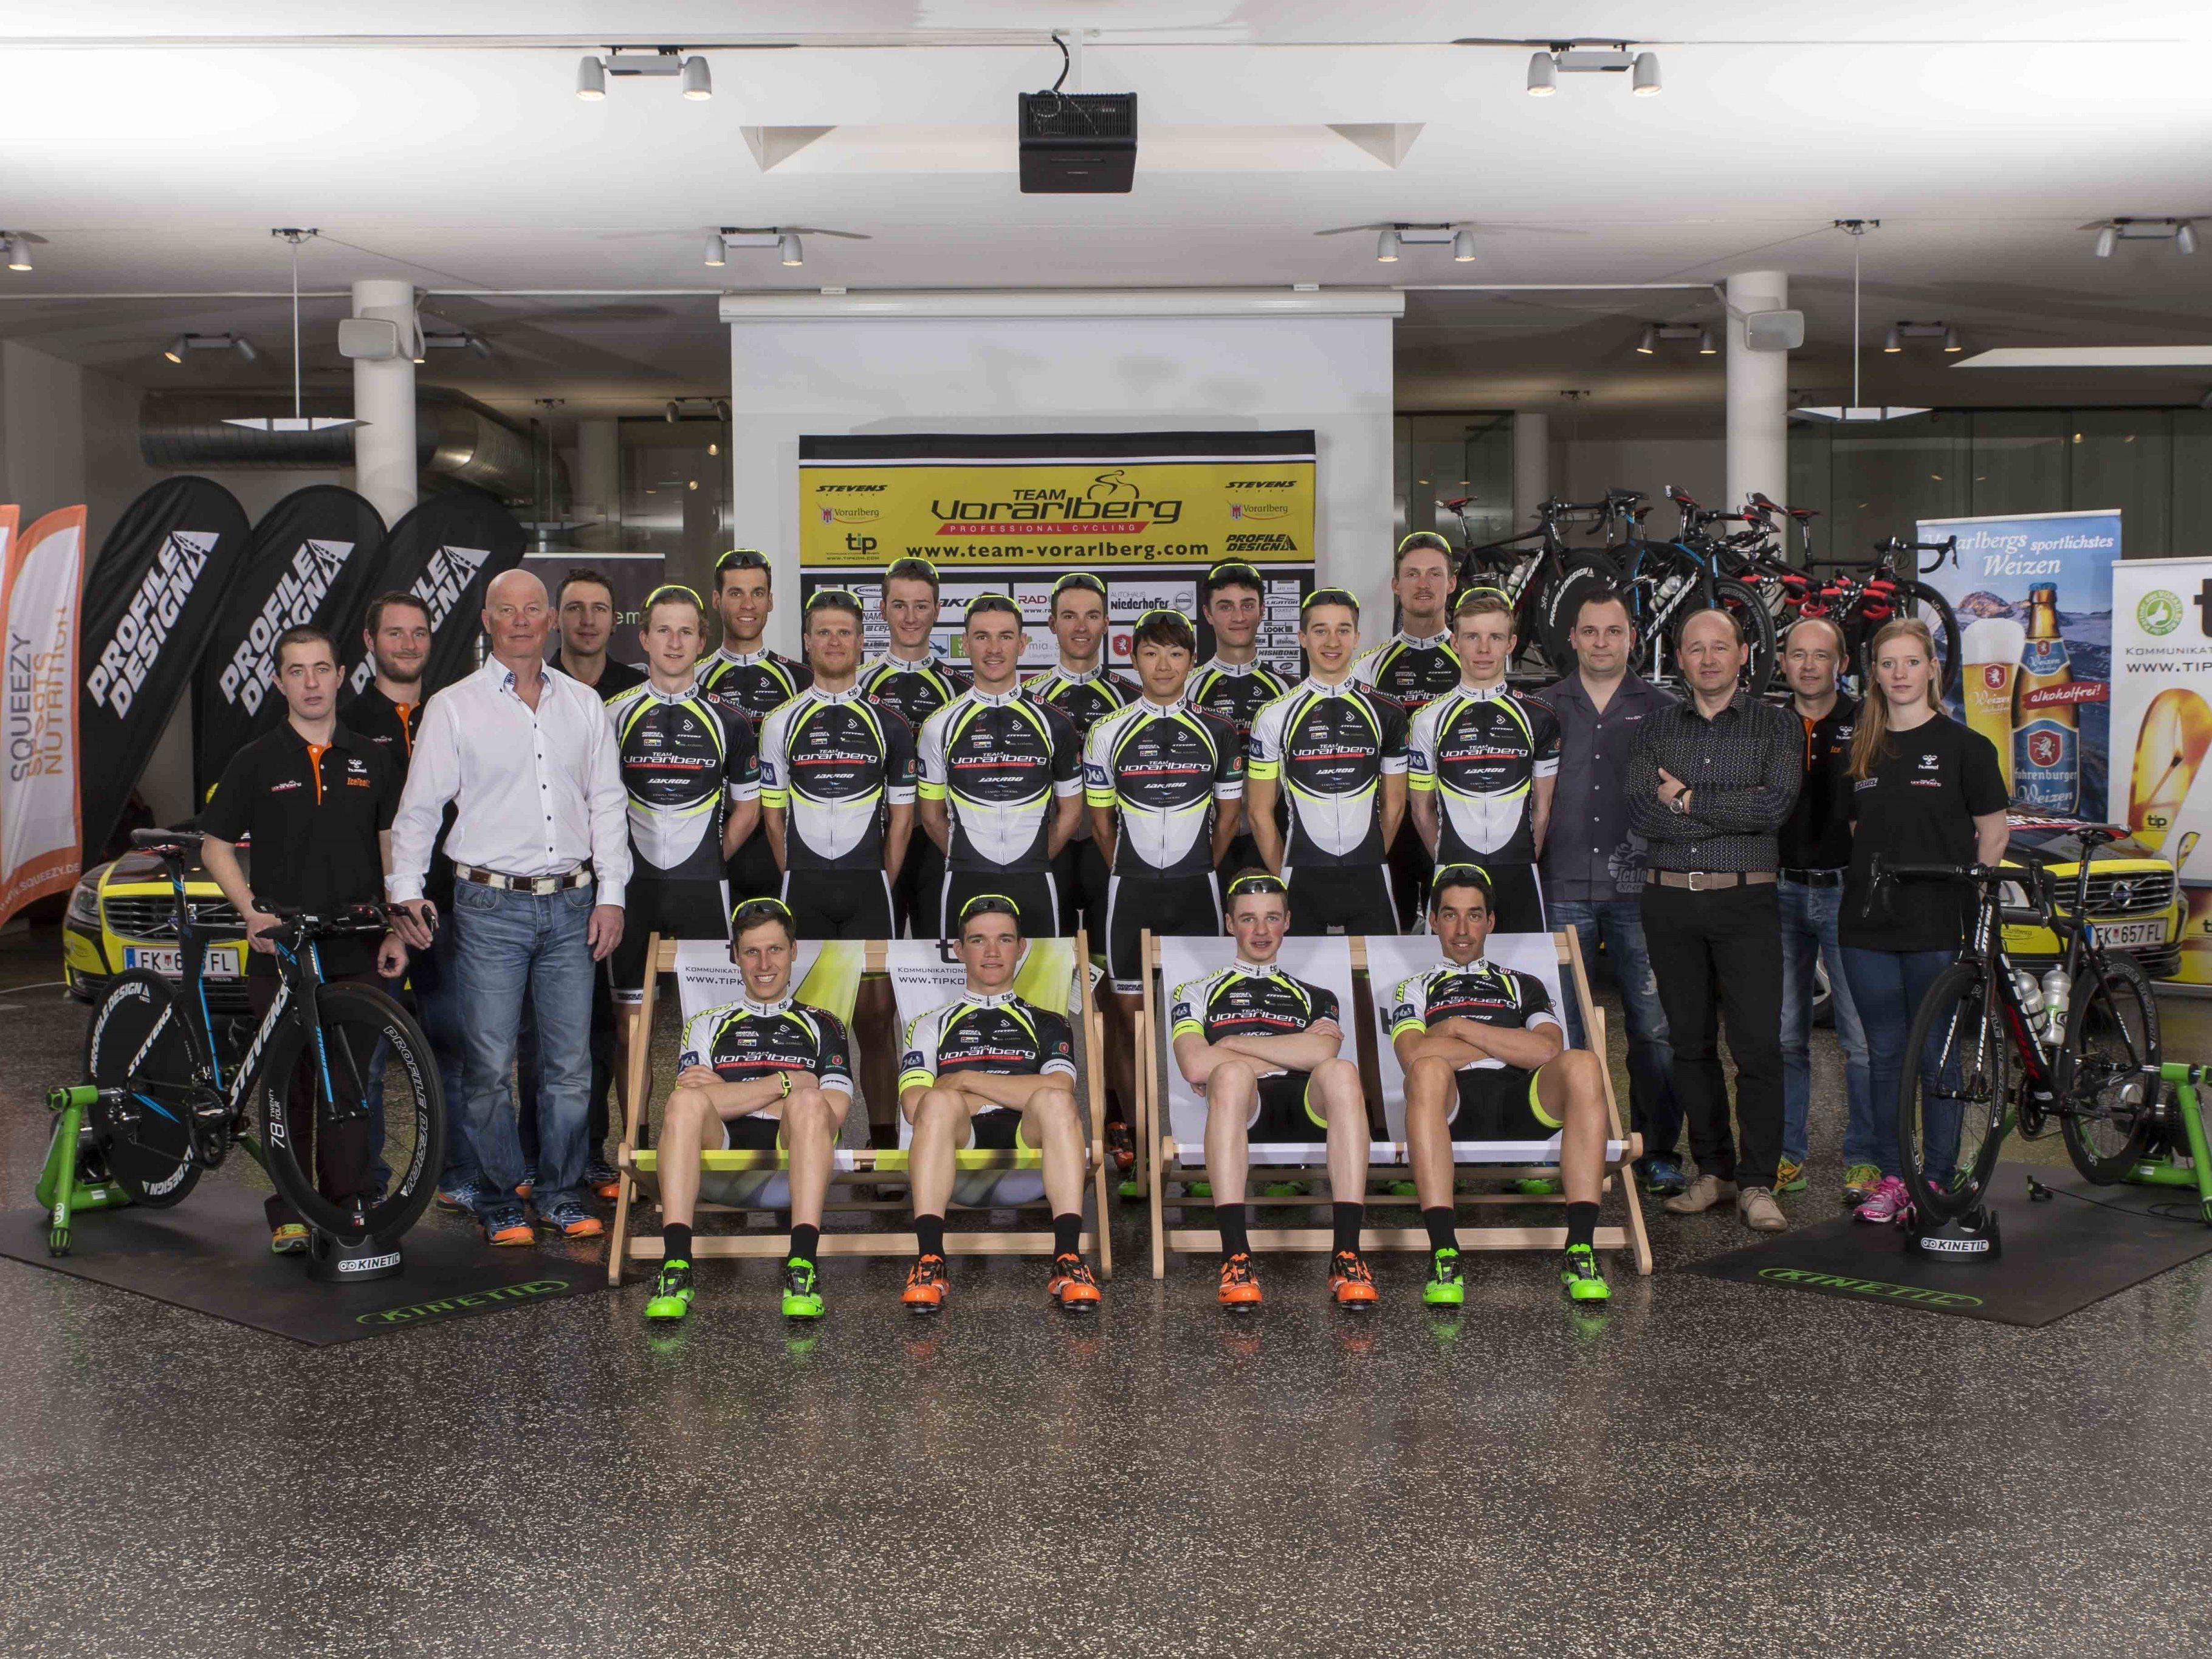 Fünfzehn Fahrer, davon zehn Neue, umfasst der heimische Profiradrennstall in dieser Saison.